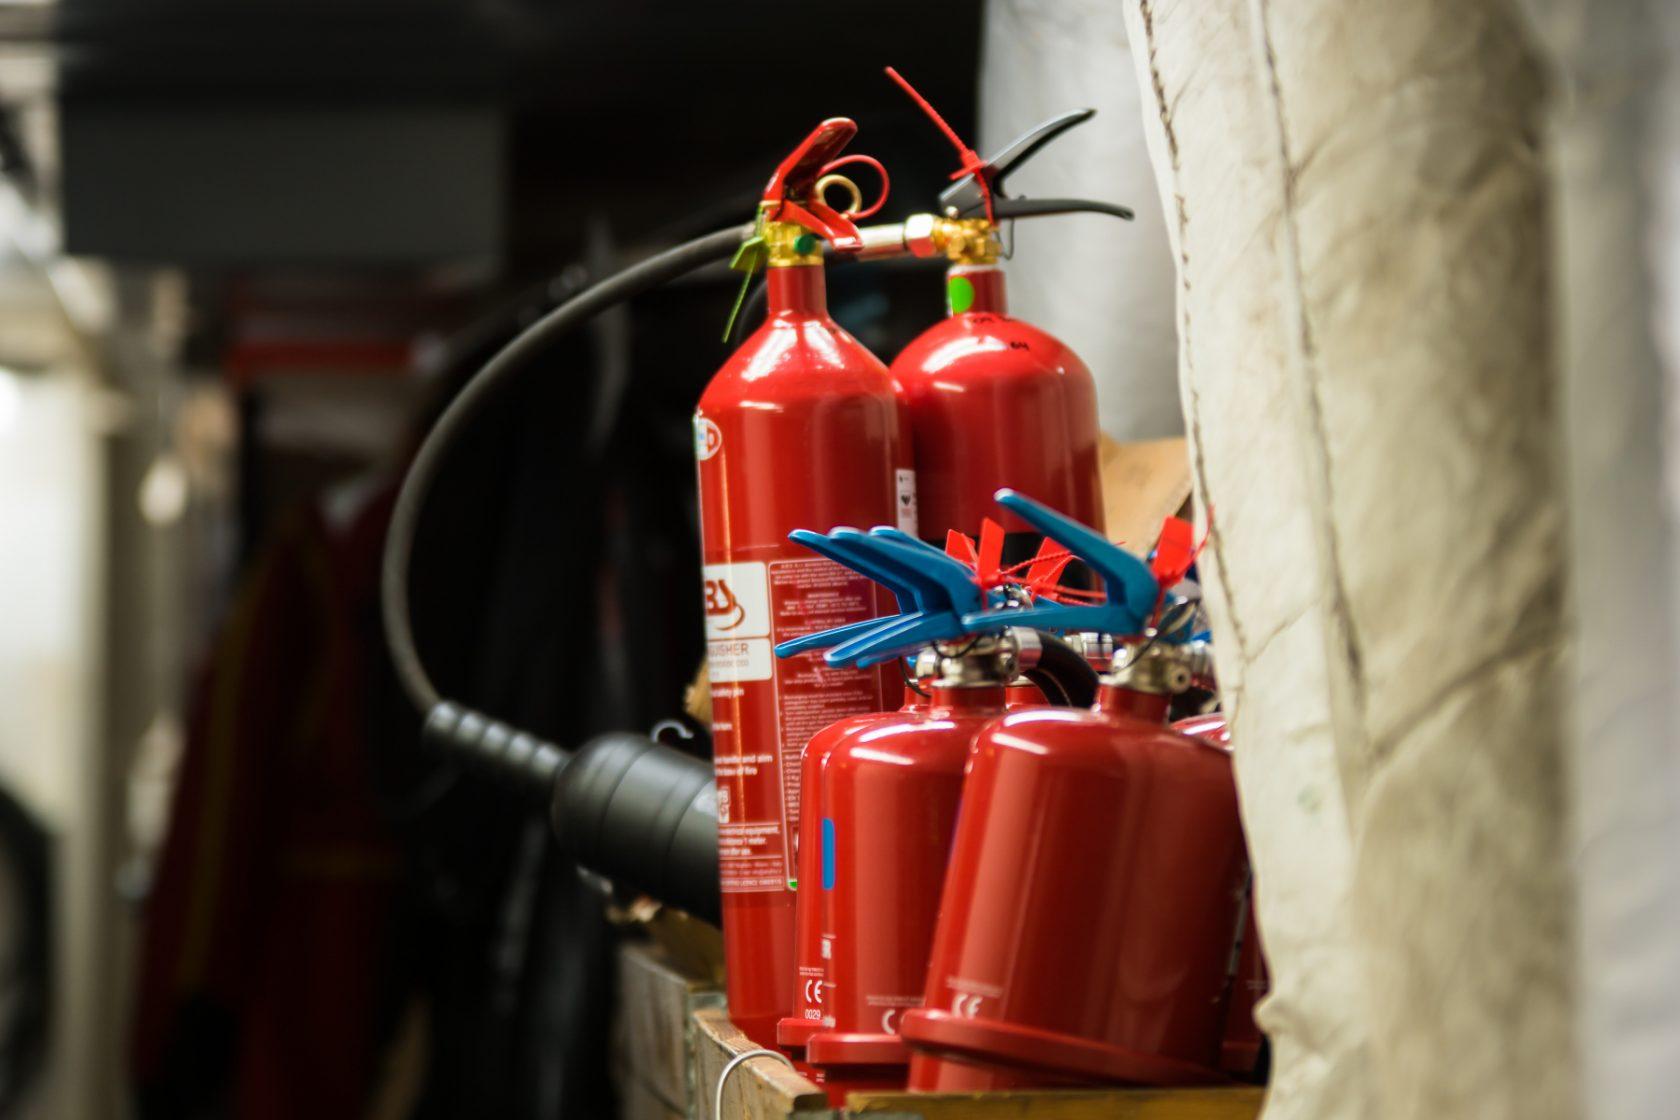 Flertalet brandsläckare i len åda